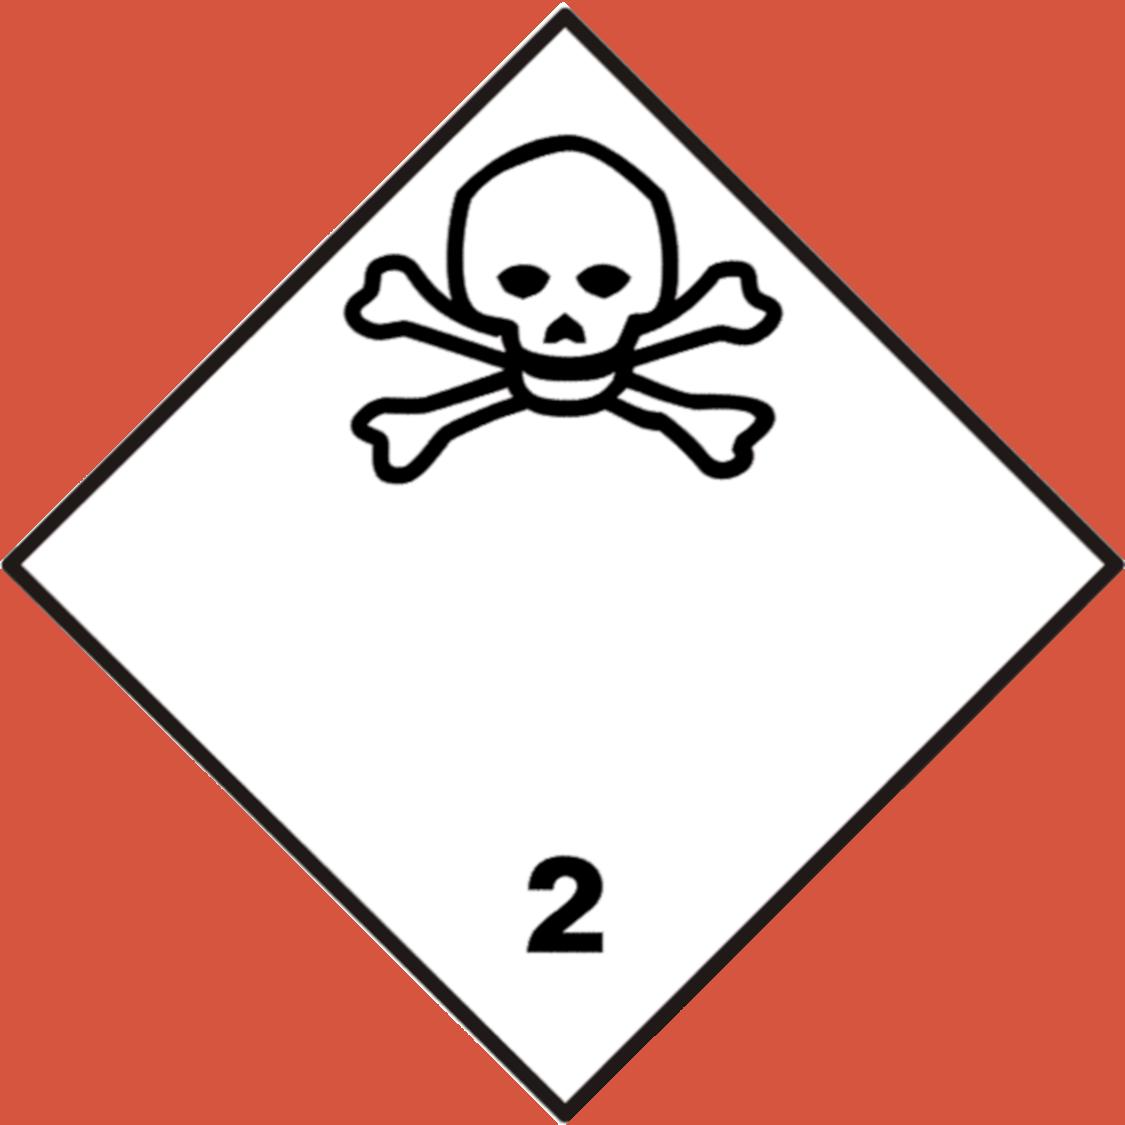 Mürgiste gaaside märgis